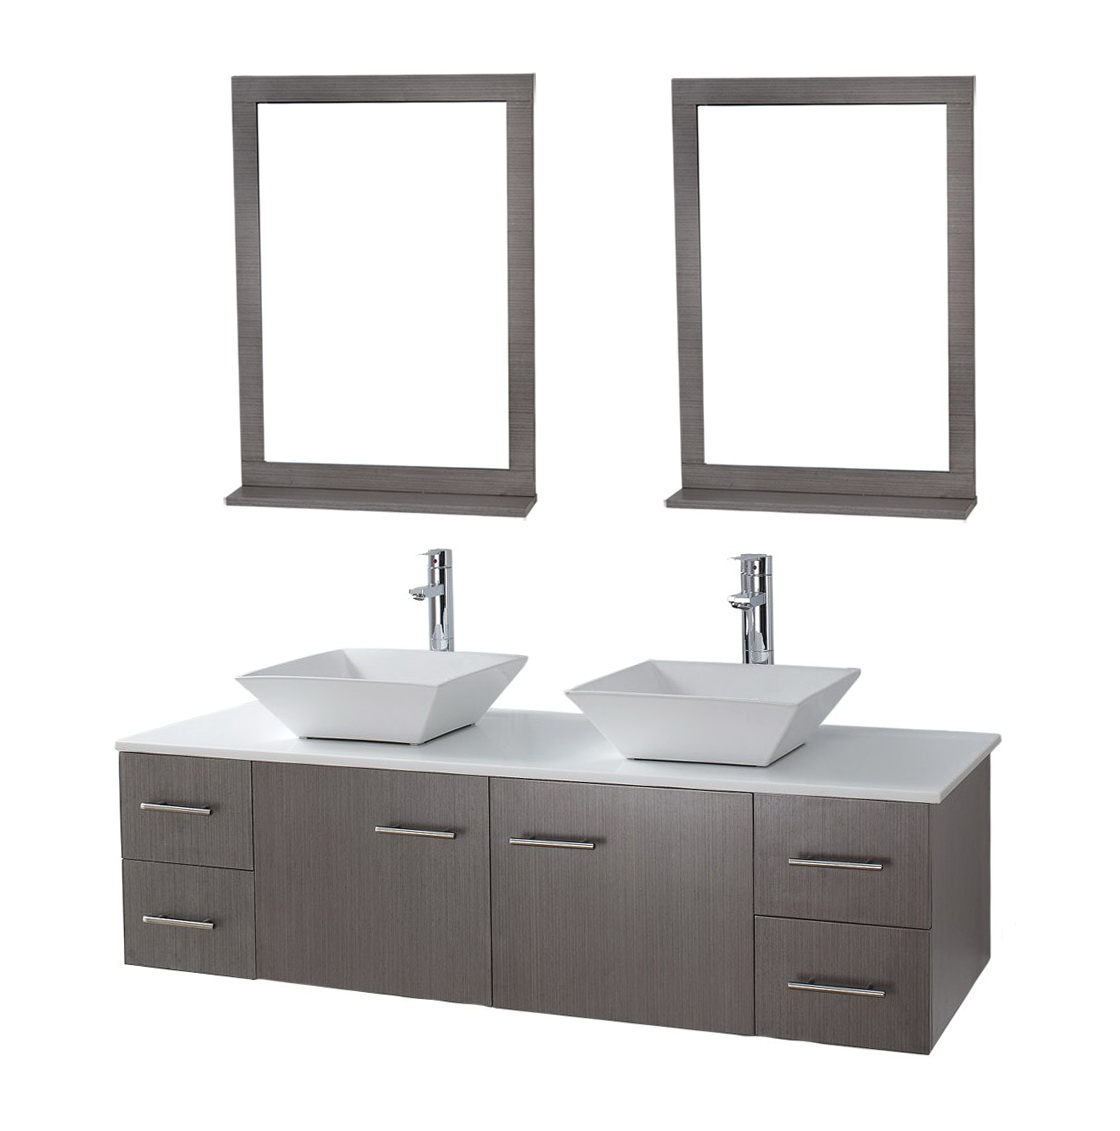 Solid Wood Bathroom Vanity Top